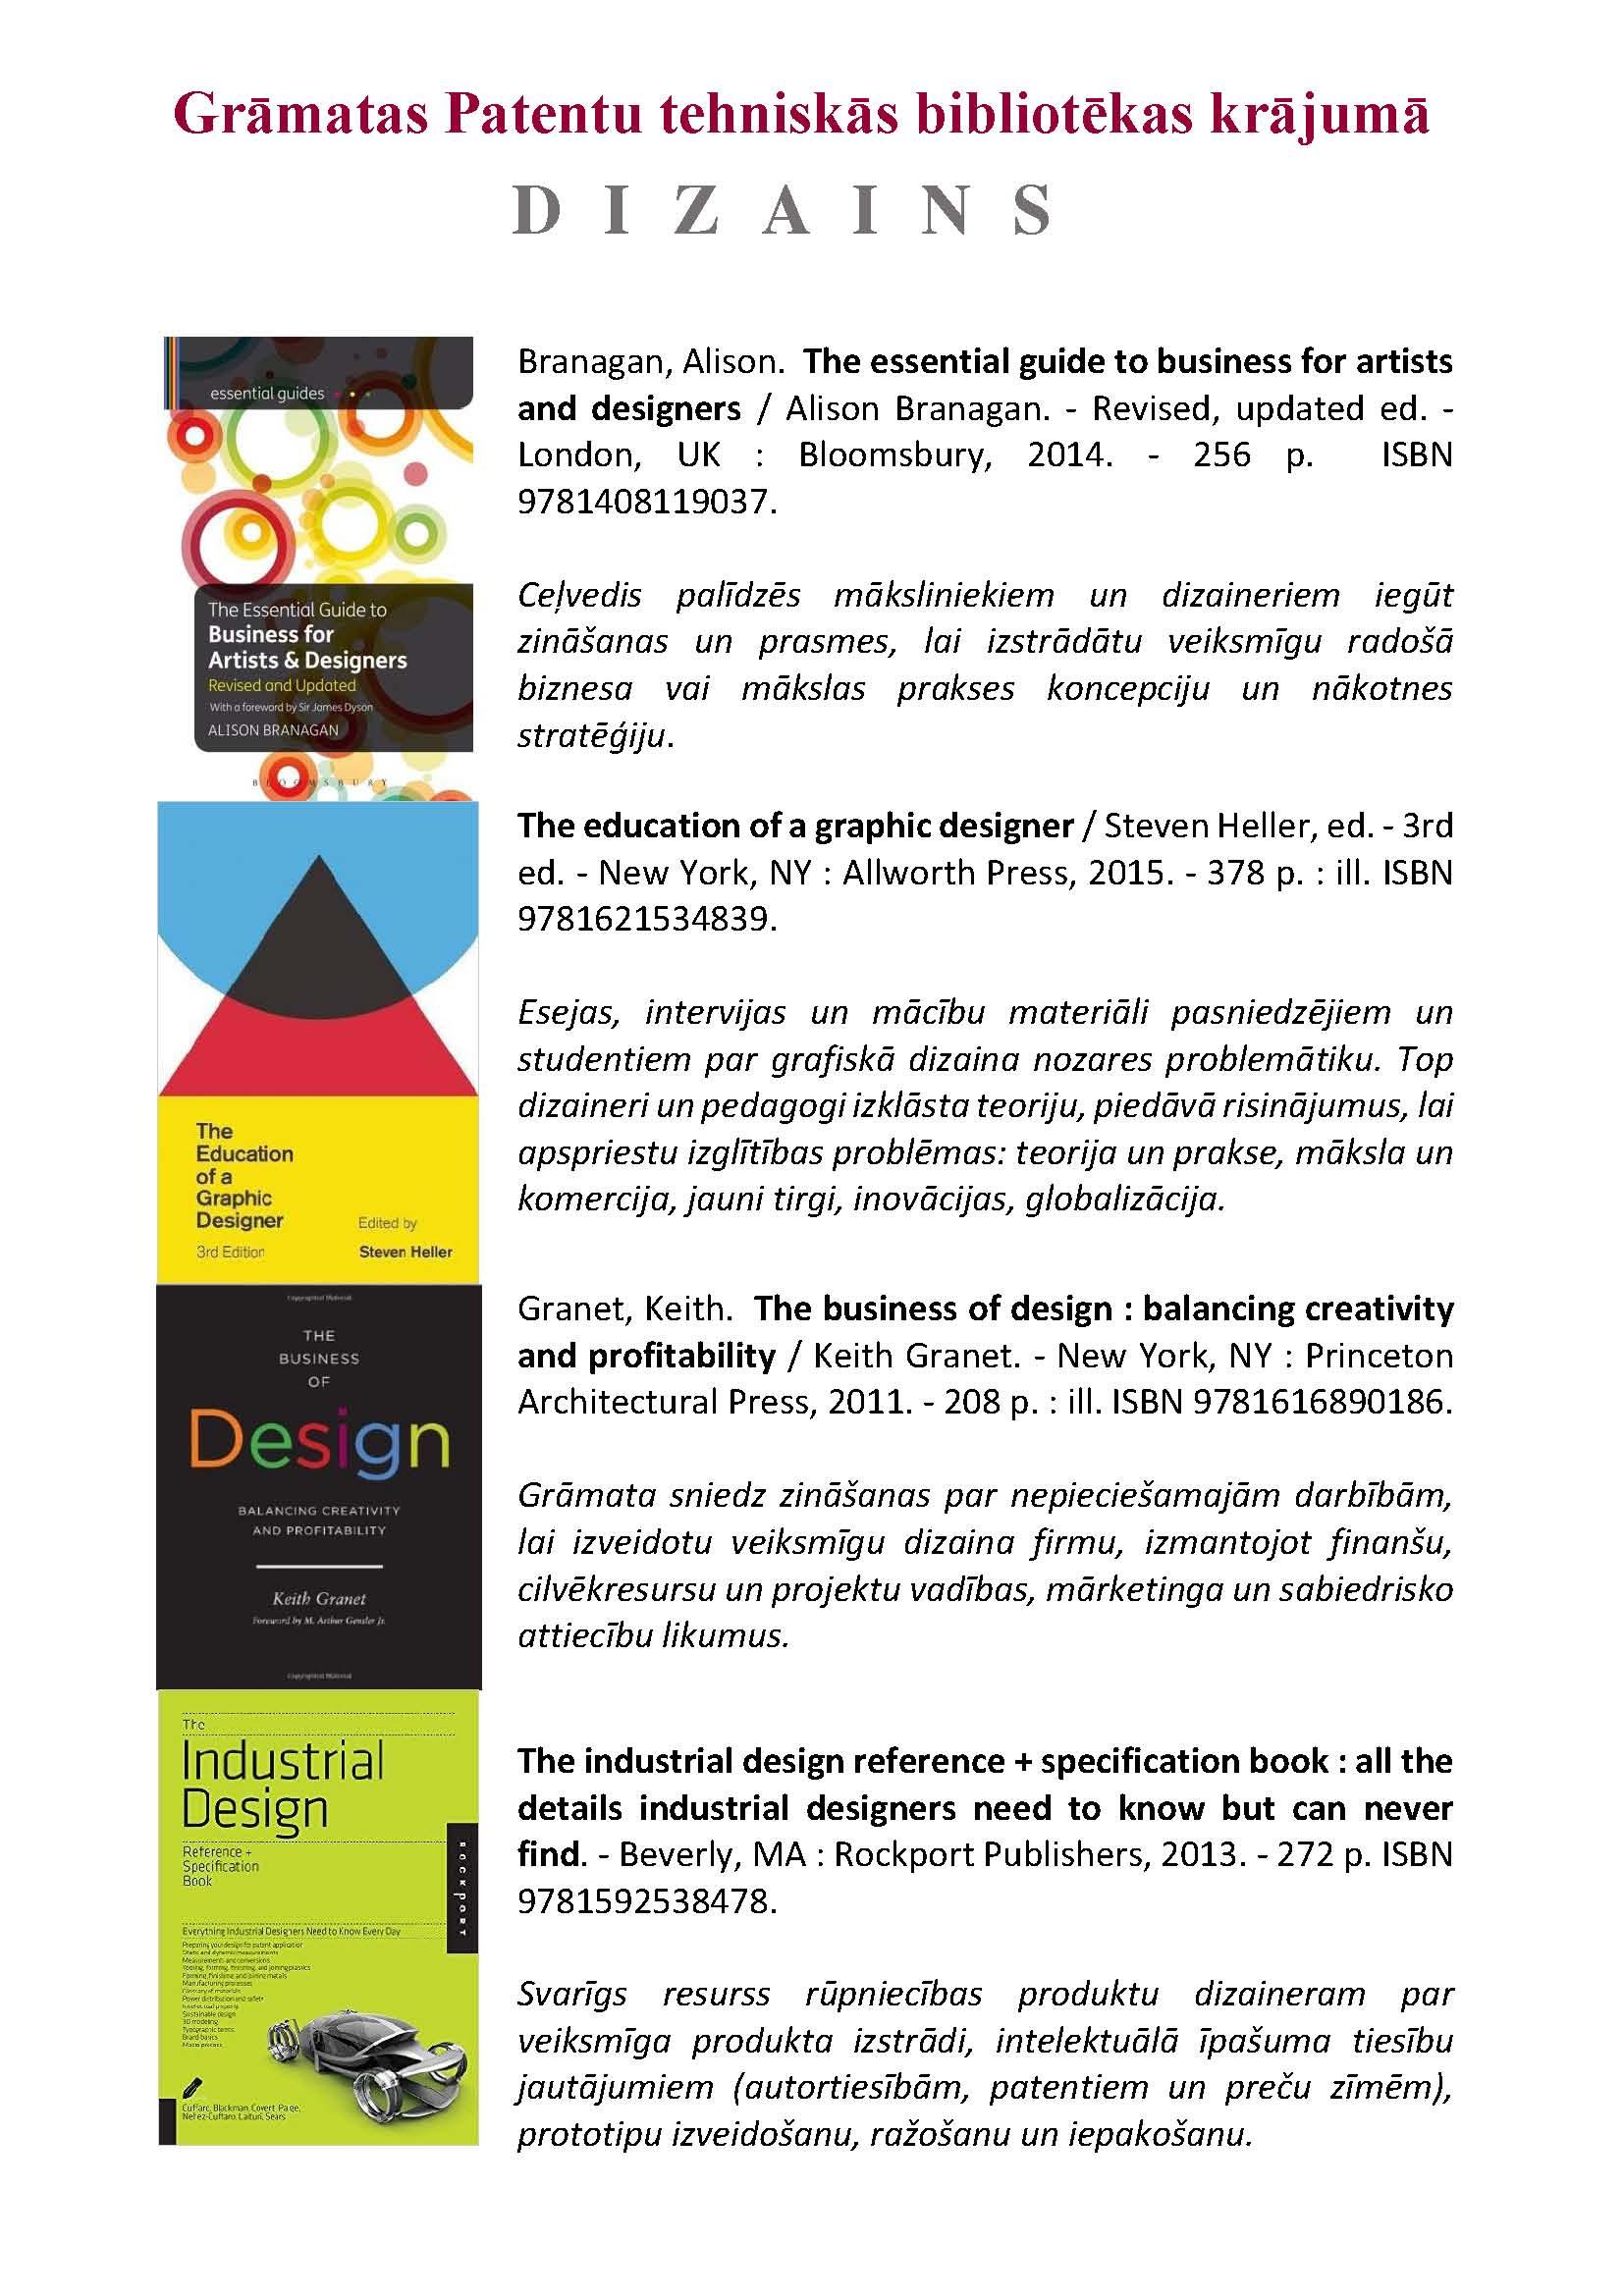 Dizains-11-2015_Page_1